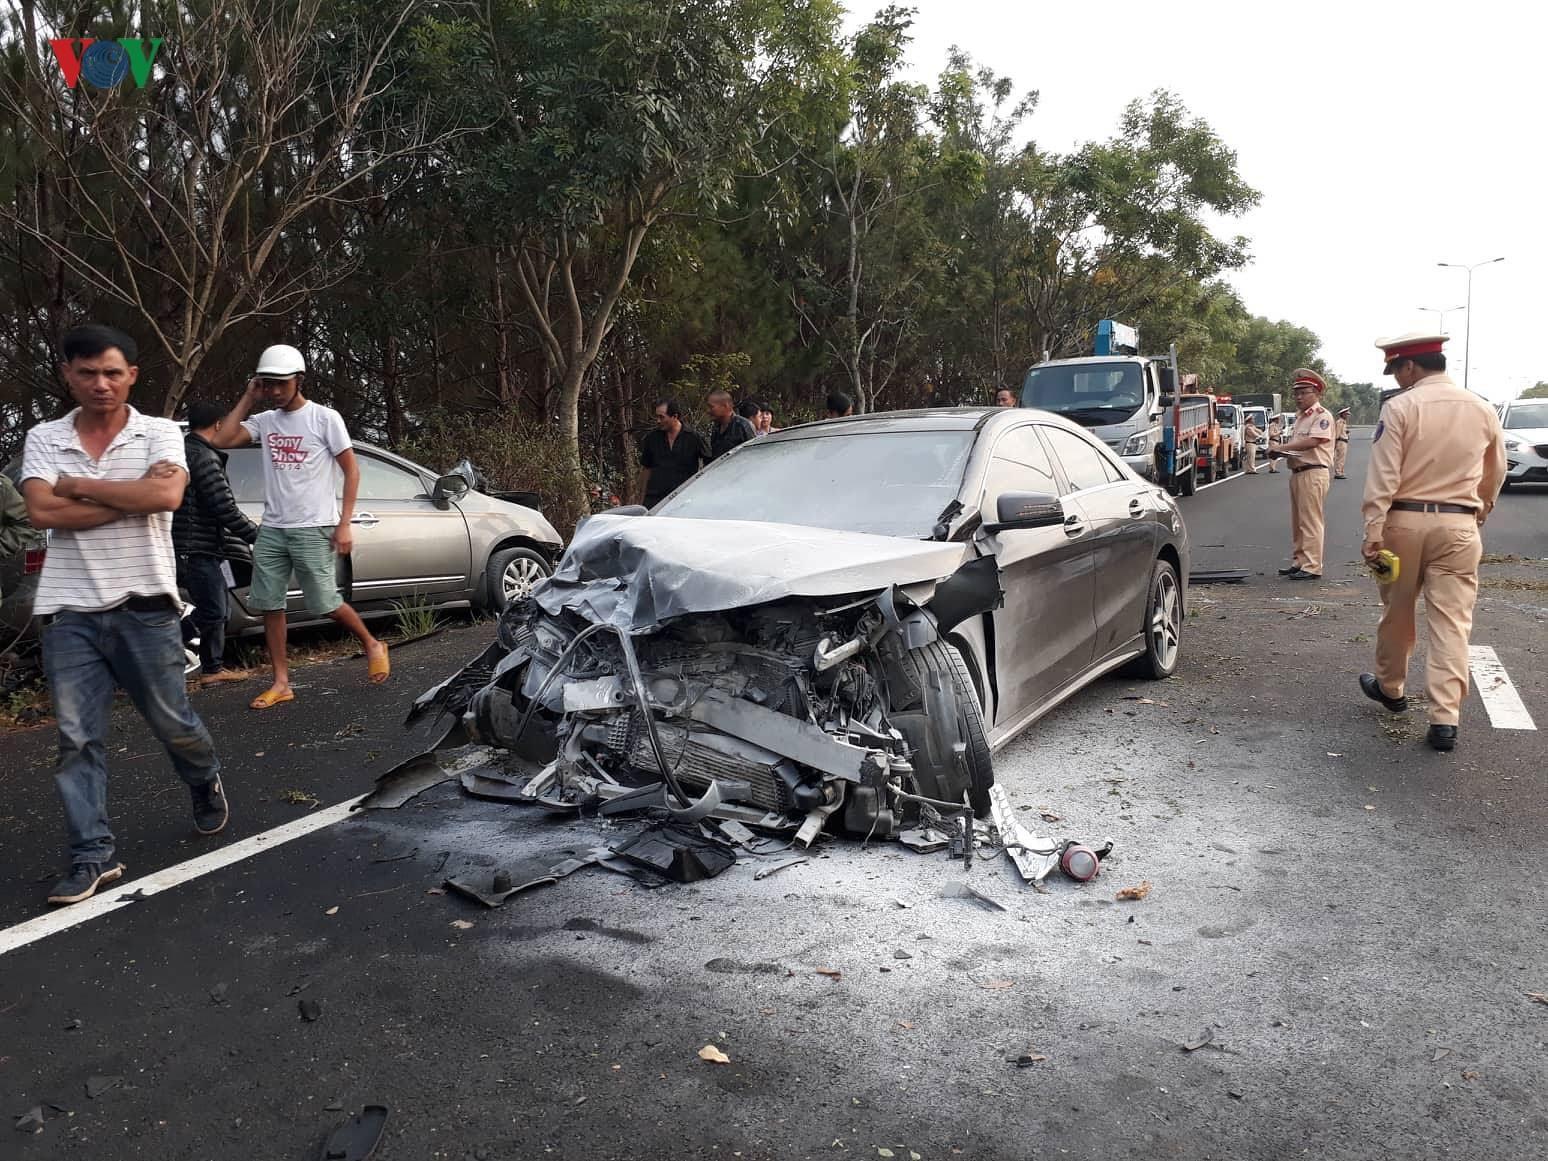 Lâm Đồng: hai ô tô đối đầu trên cao tốc khiến 4 người thương vong Ảnh 1